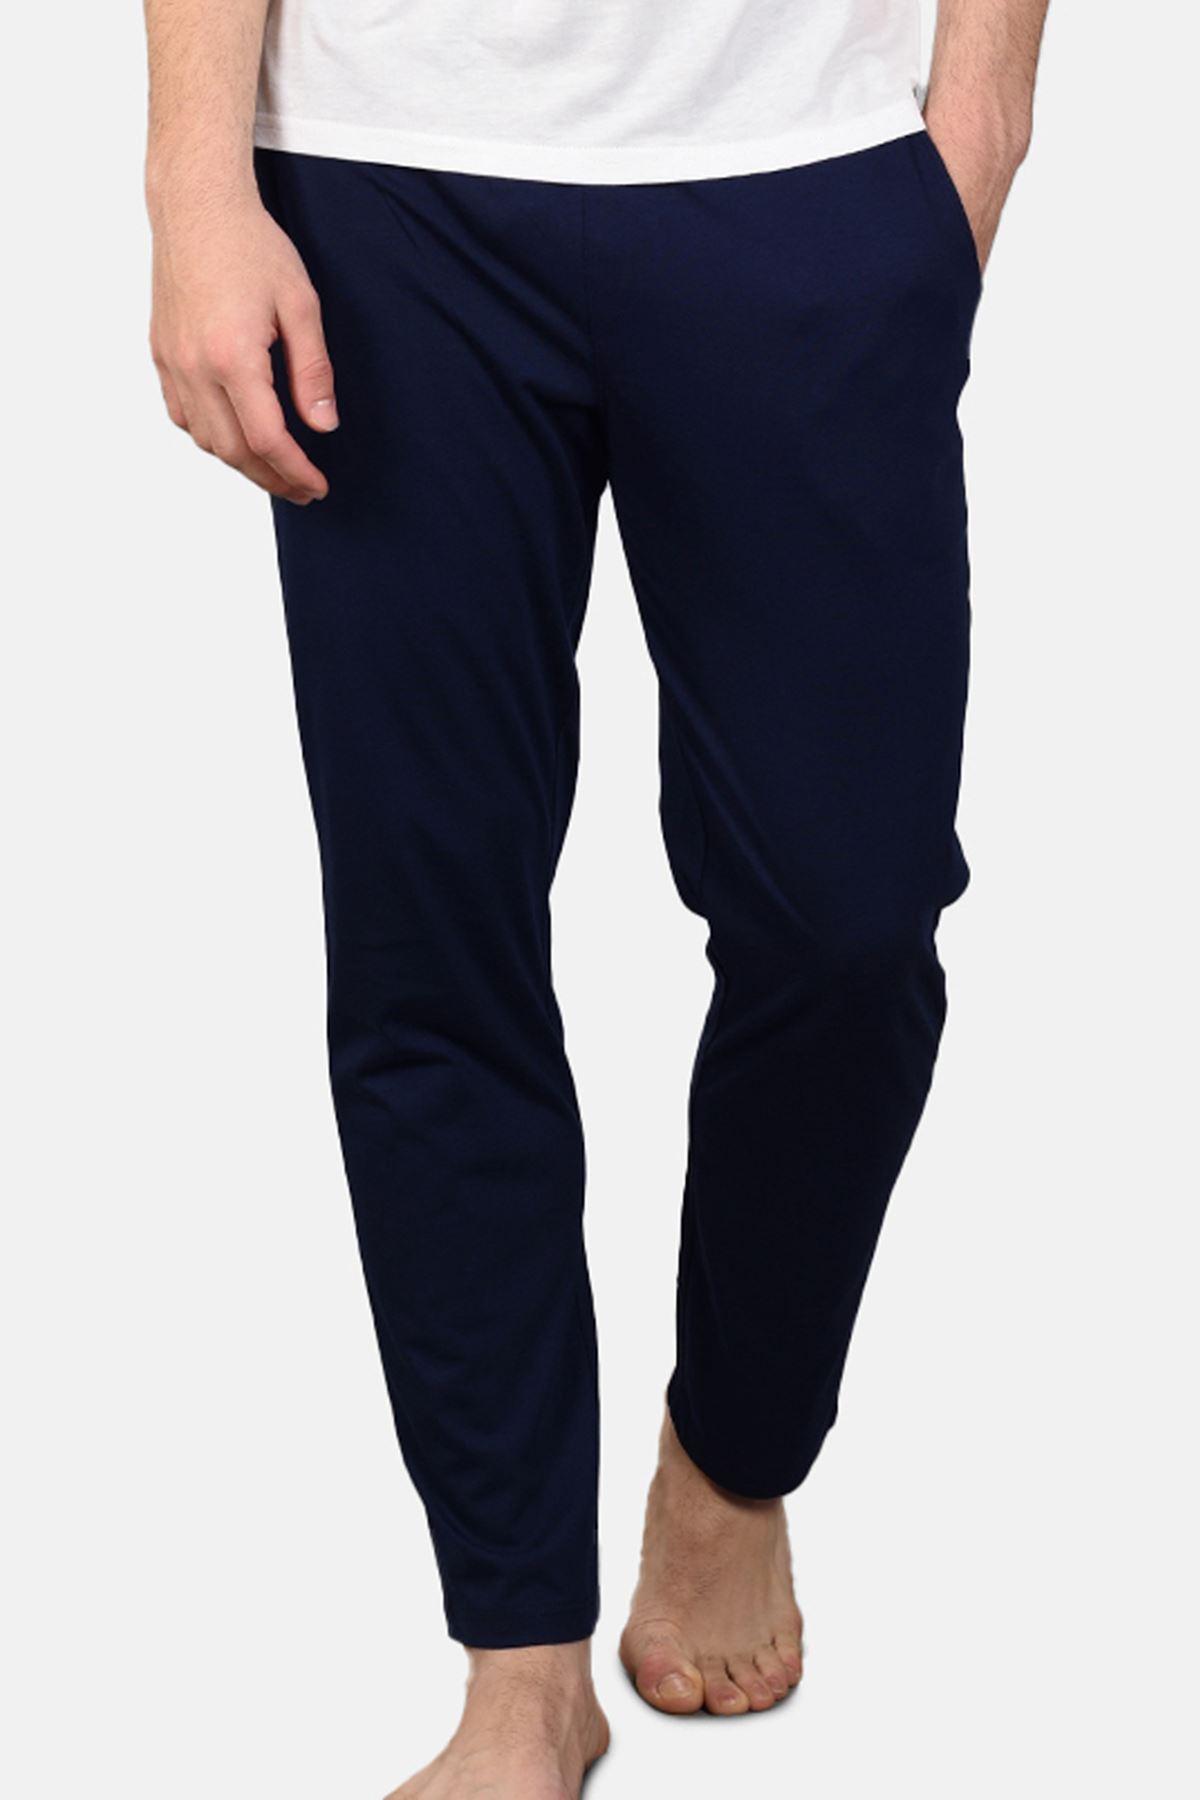 Malabadi Erkek Lacivert Alt Beyaz Üst V Yaka Yazlık Pijama Takımı M563